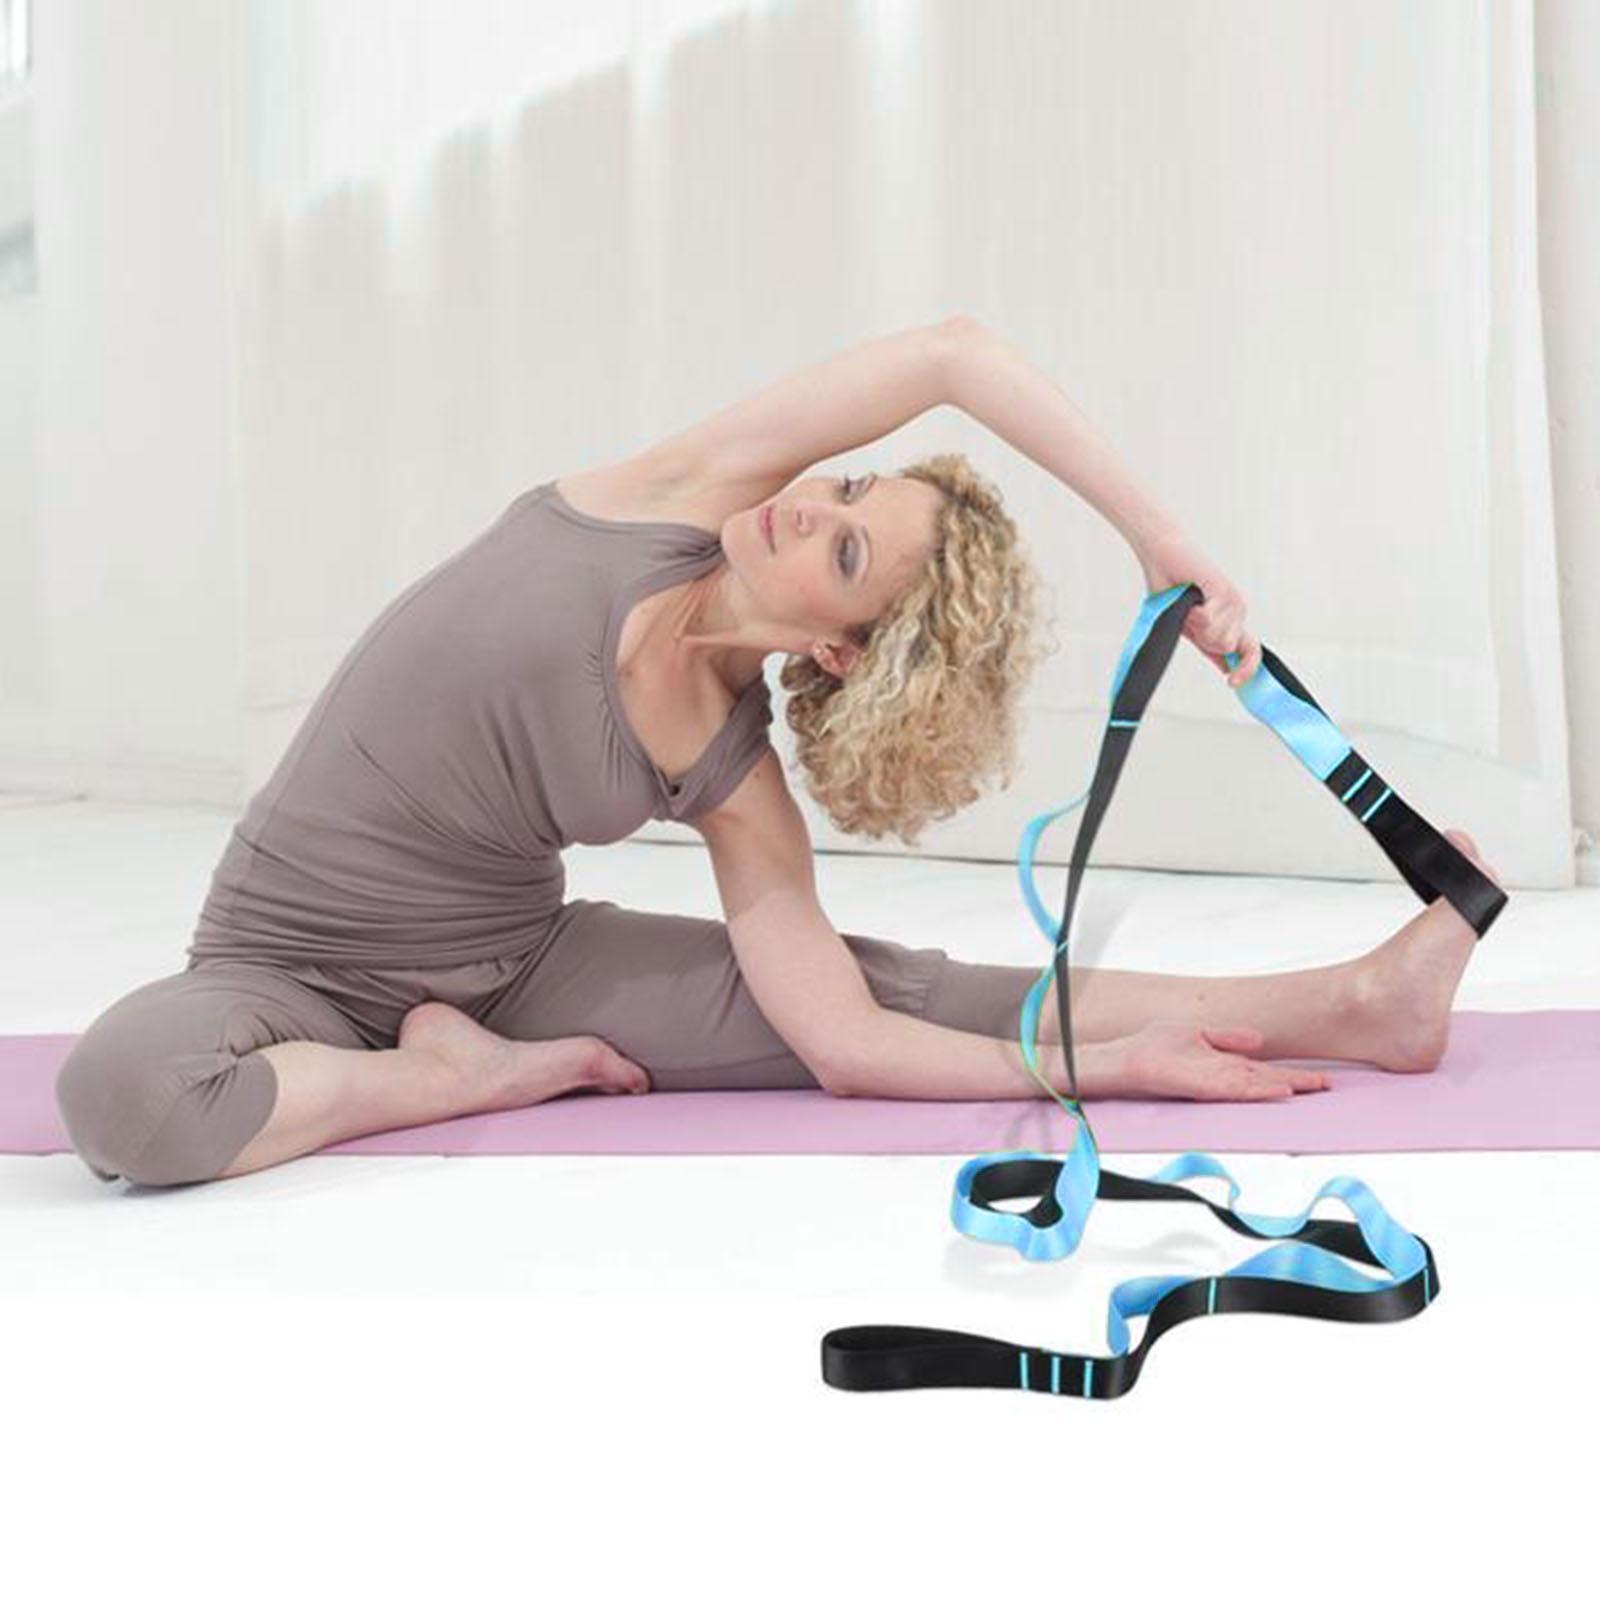 miniatura 10 - Pierna camilla yoga Stretch Strap Latin Dance Gymnastic pull cinturón flexibilidad